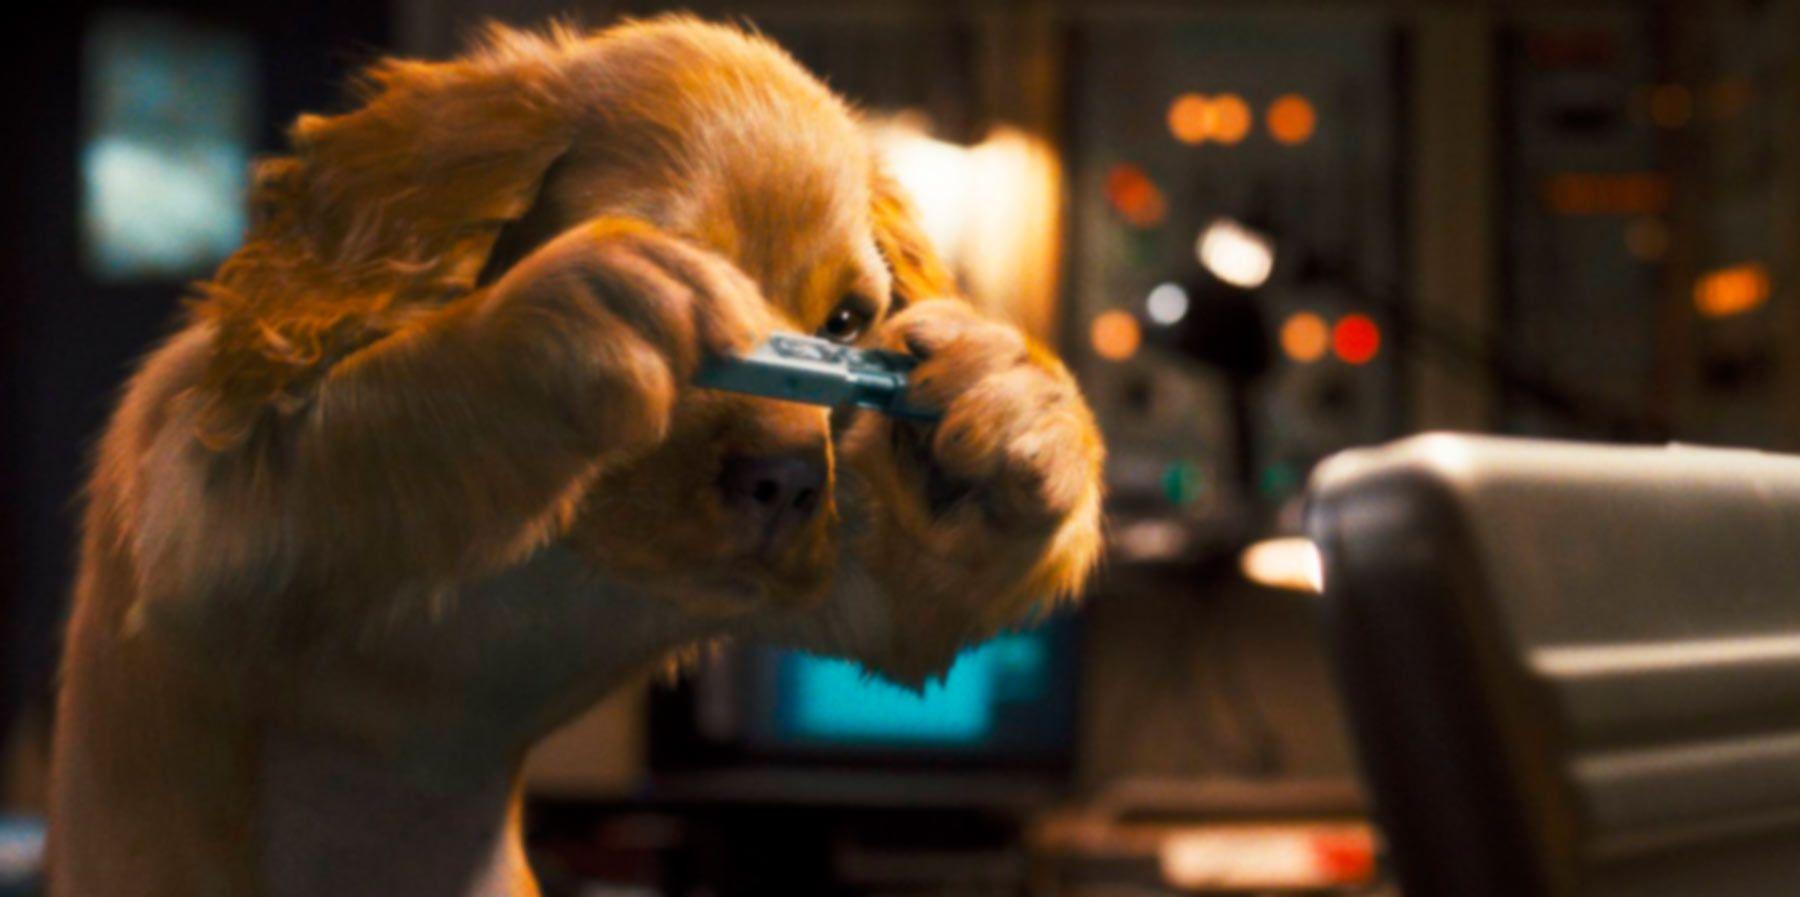 Фильмы про собак онлайн, список лучших с рецензиями | Обои ...